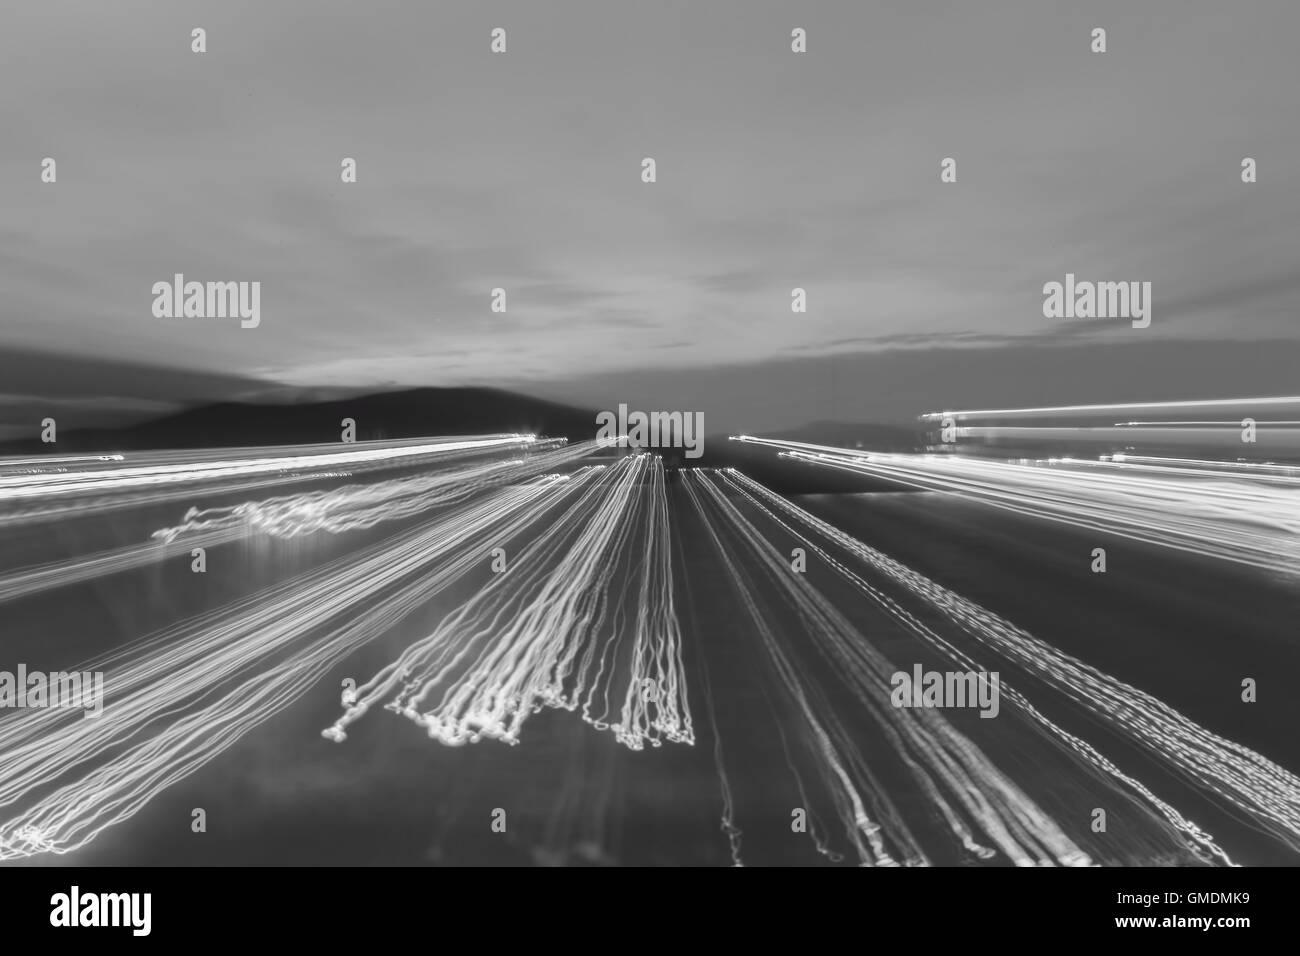 In bianco e nero luce di notte. La configurazione di sfondo Immagini Stock